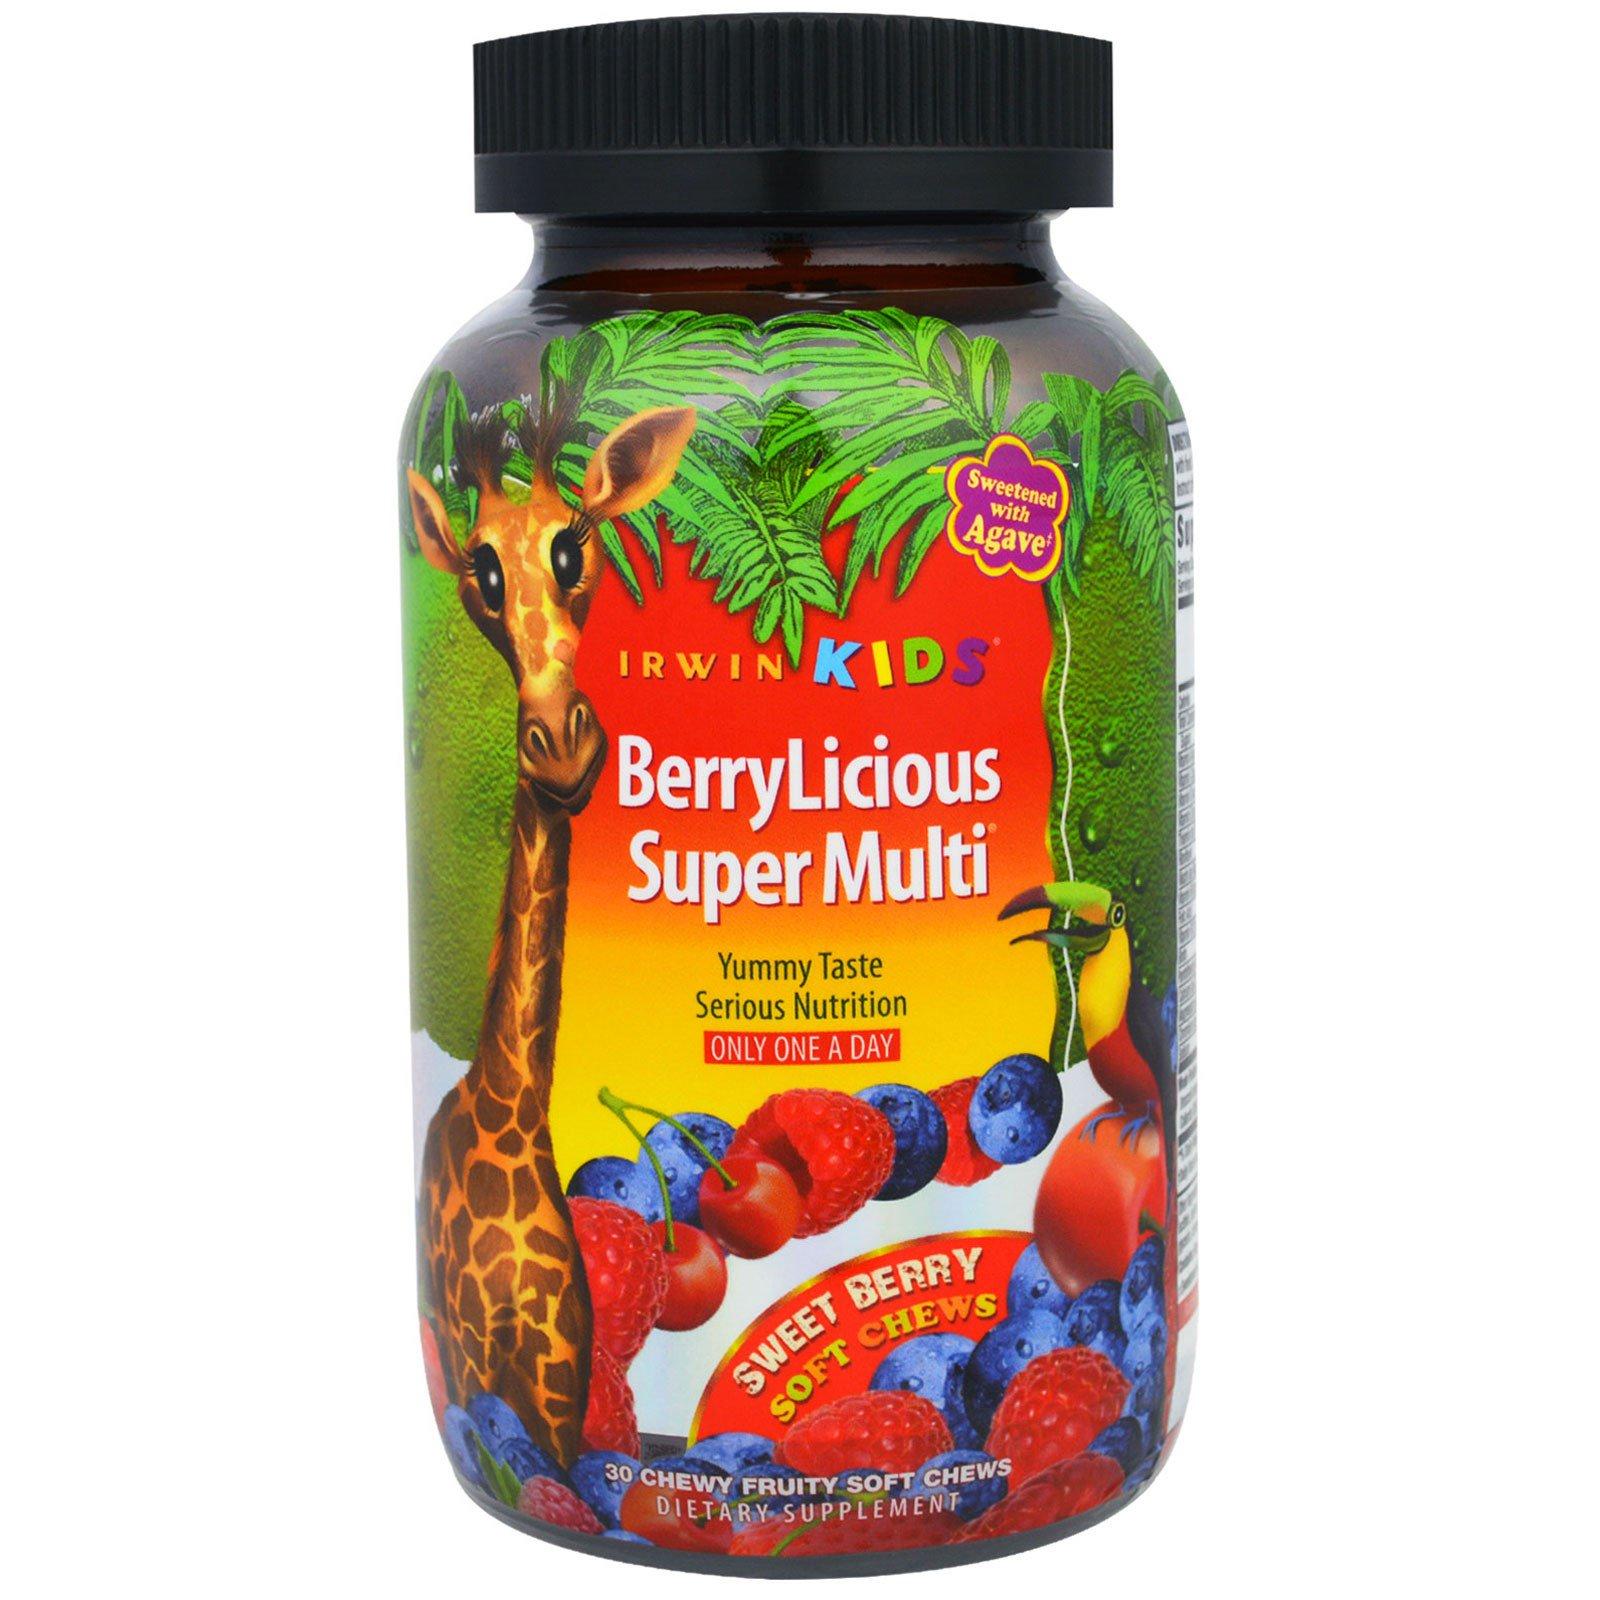 Irwin Naturals, BerryLicious Super Multi, сладкие ягоды, 30 мягких жевательных конфет